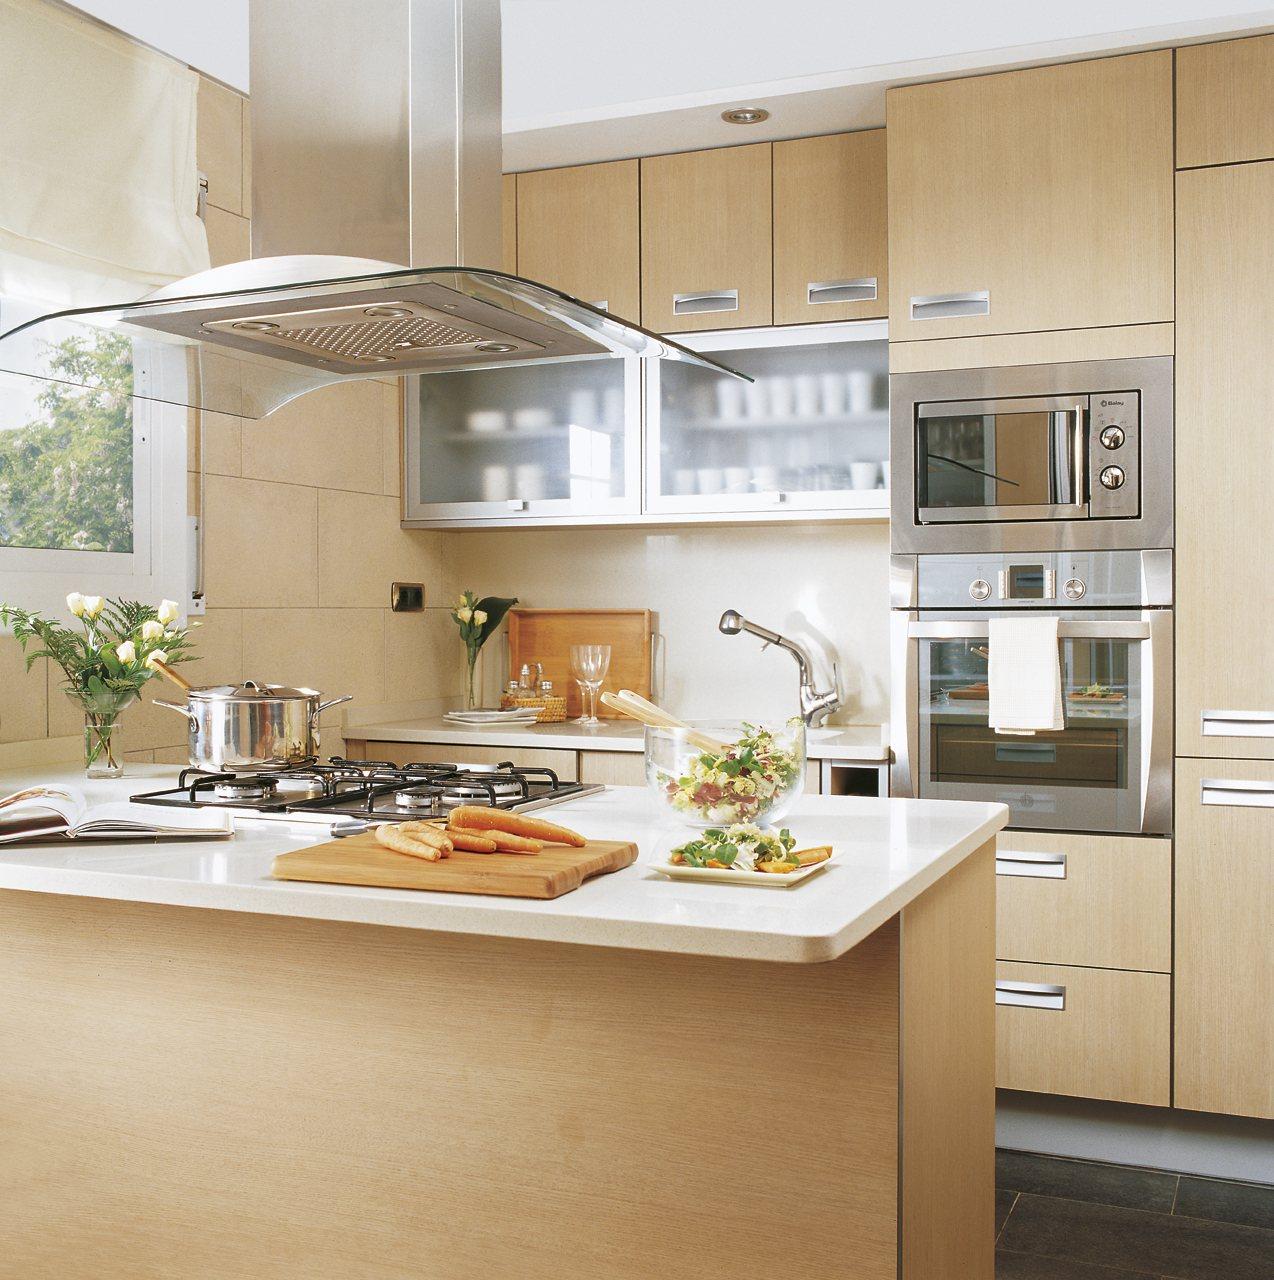 Cocinas peque as soluciones y consejos Decoracion cocinas pequenas economicas